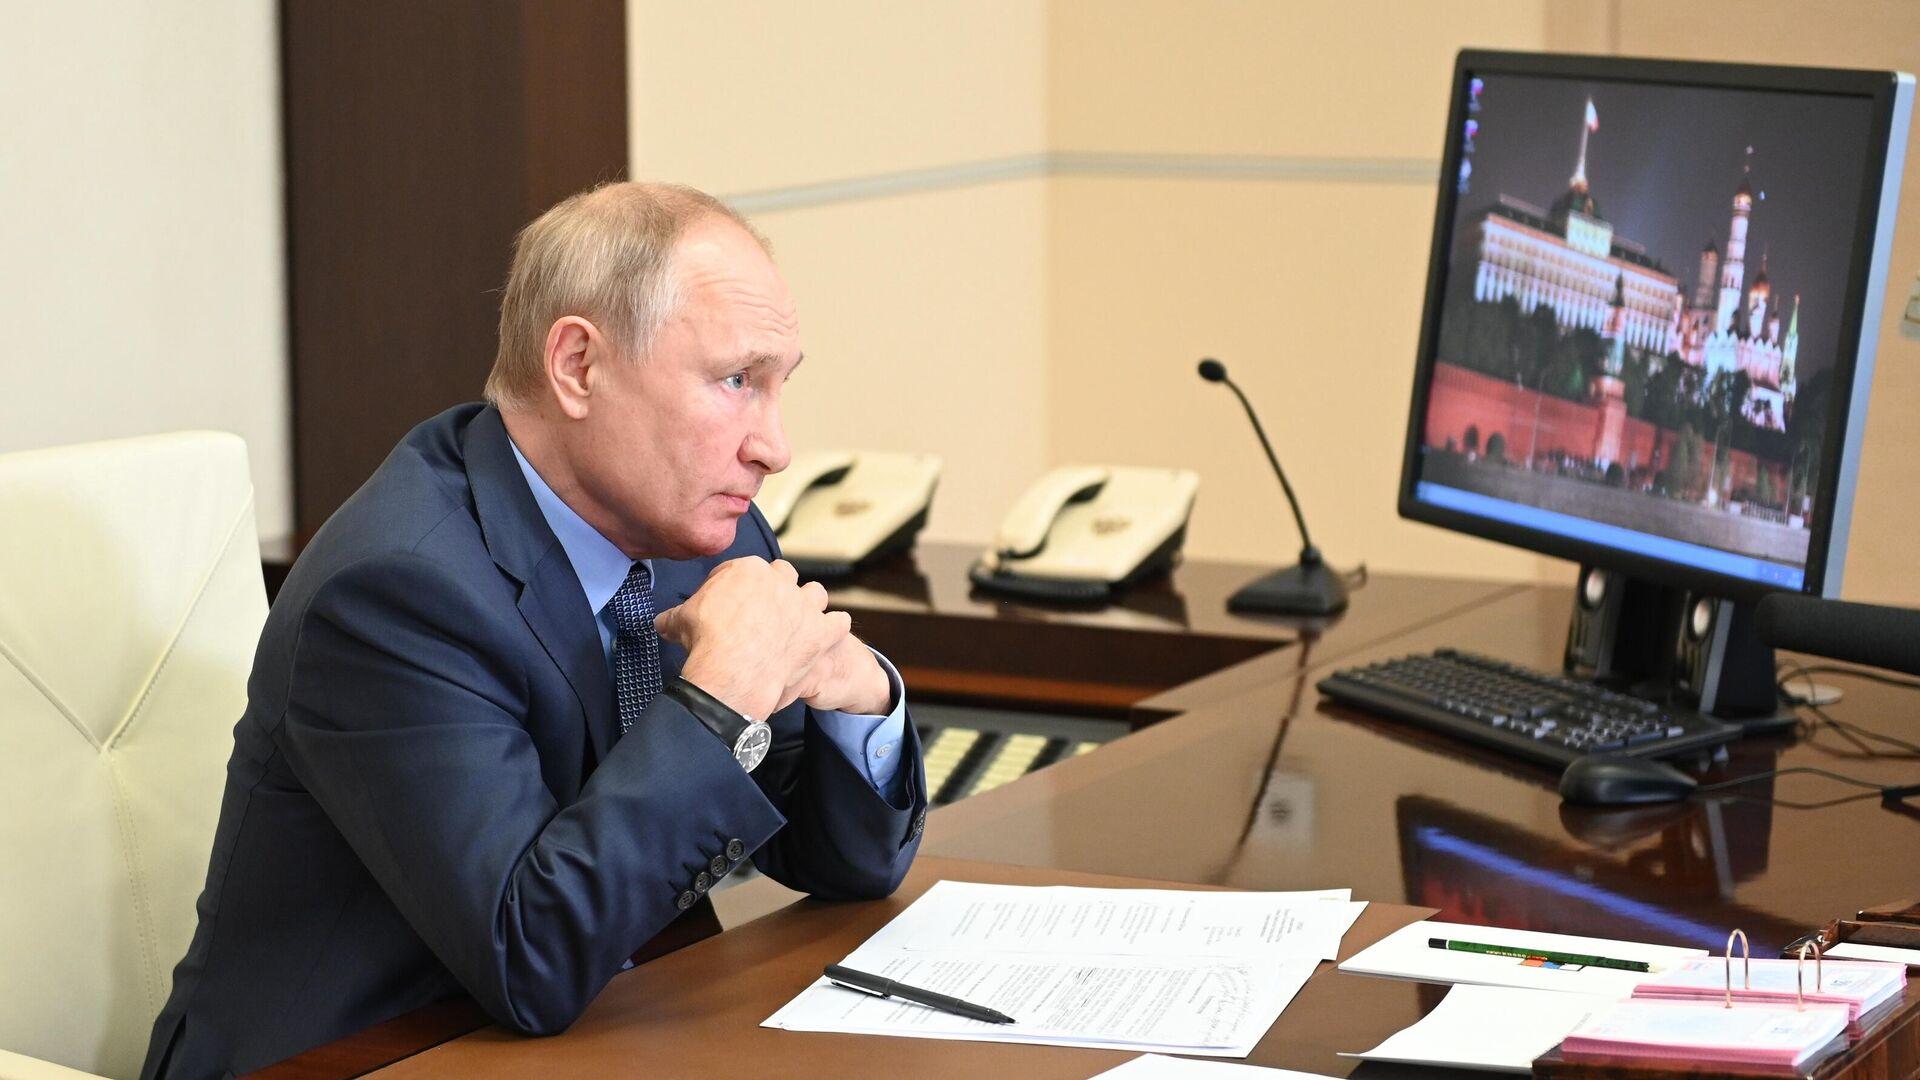 Президент РФ Владимир Путин проводит совещание с членами правительства РФ в режиме видеоконференции - РИА Новости, 1920, 28.07.2021